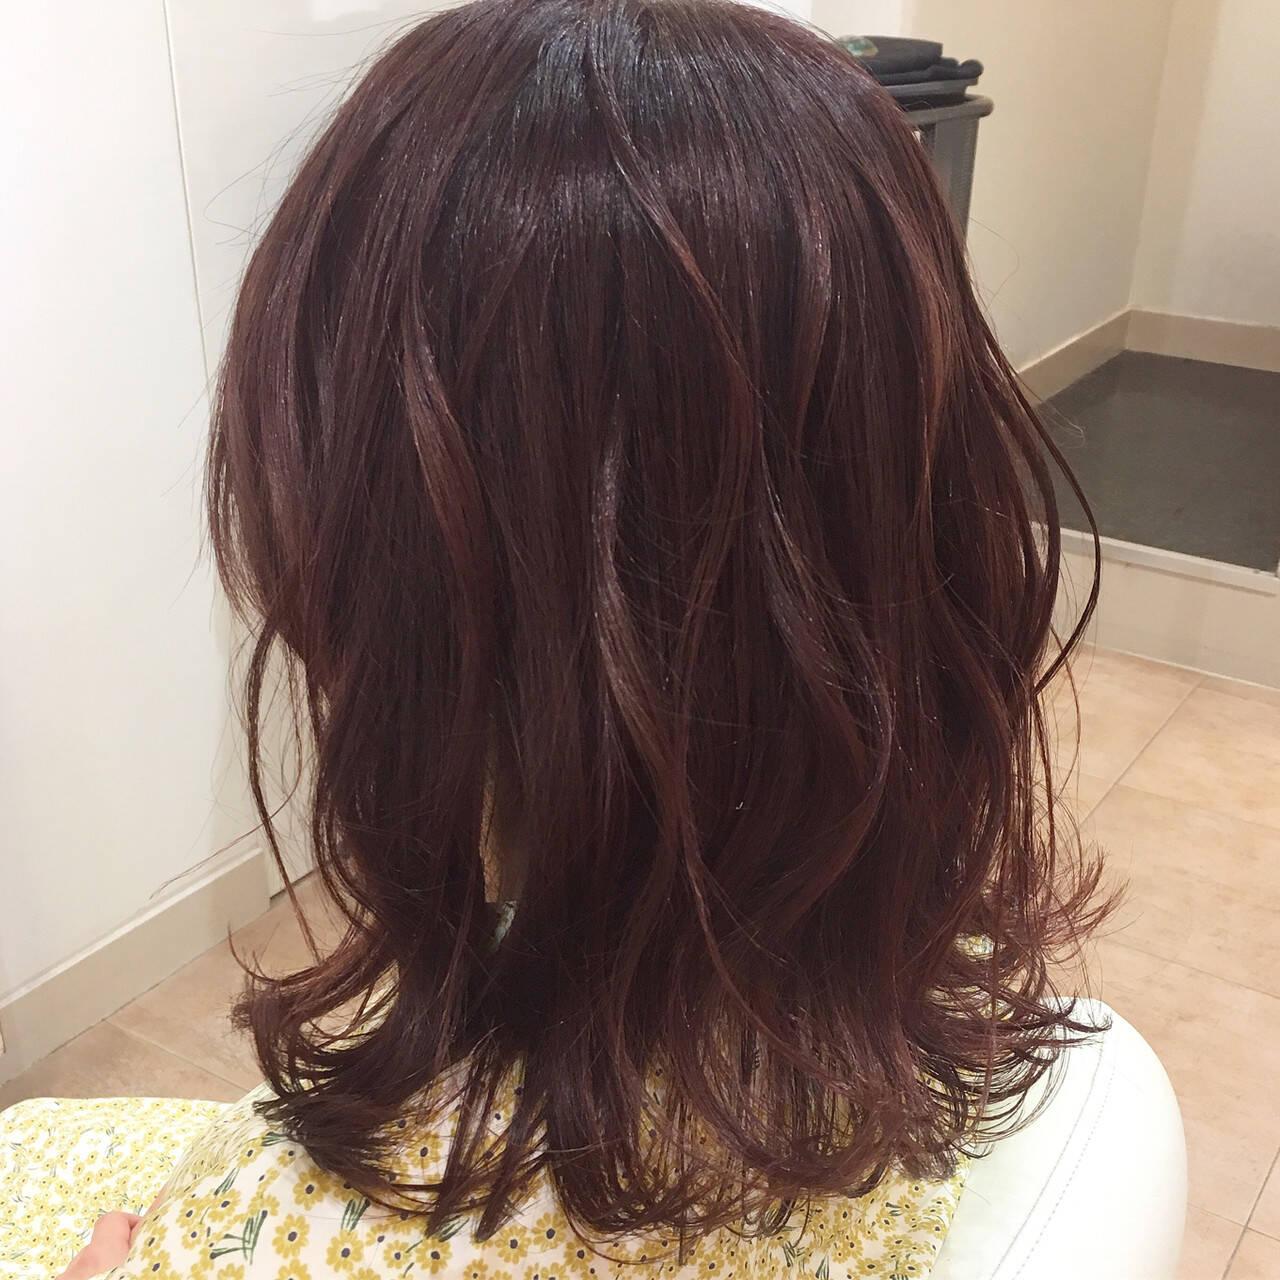 セミロング ゆる巻き 外巻きパーマ ガーリーヘアスタイルや髪型の写真・画像